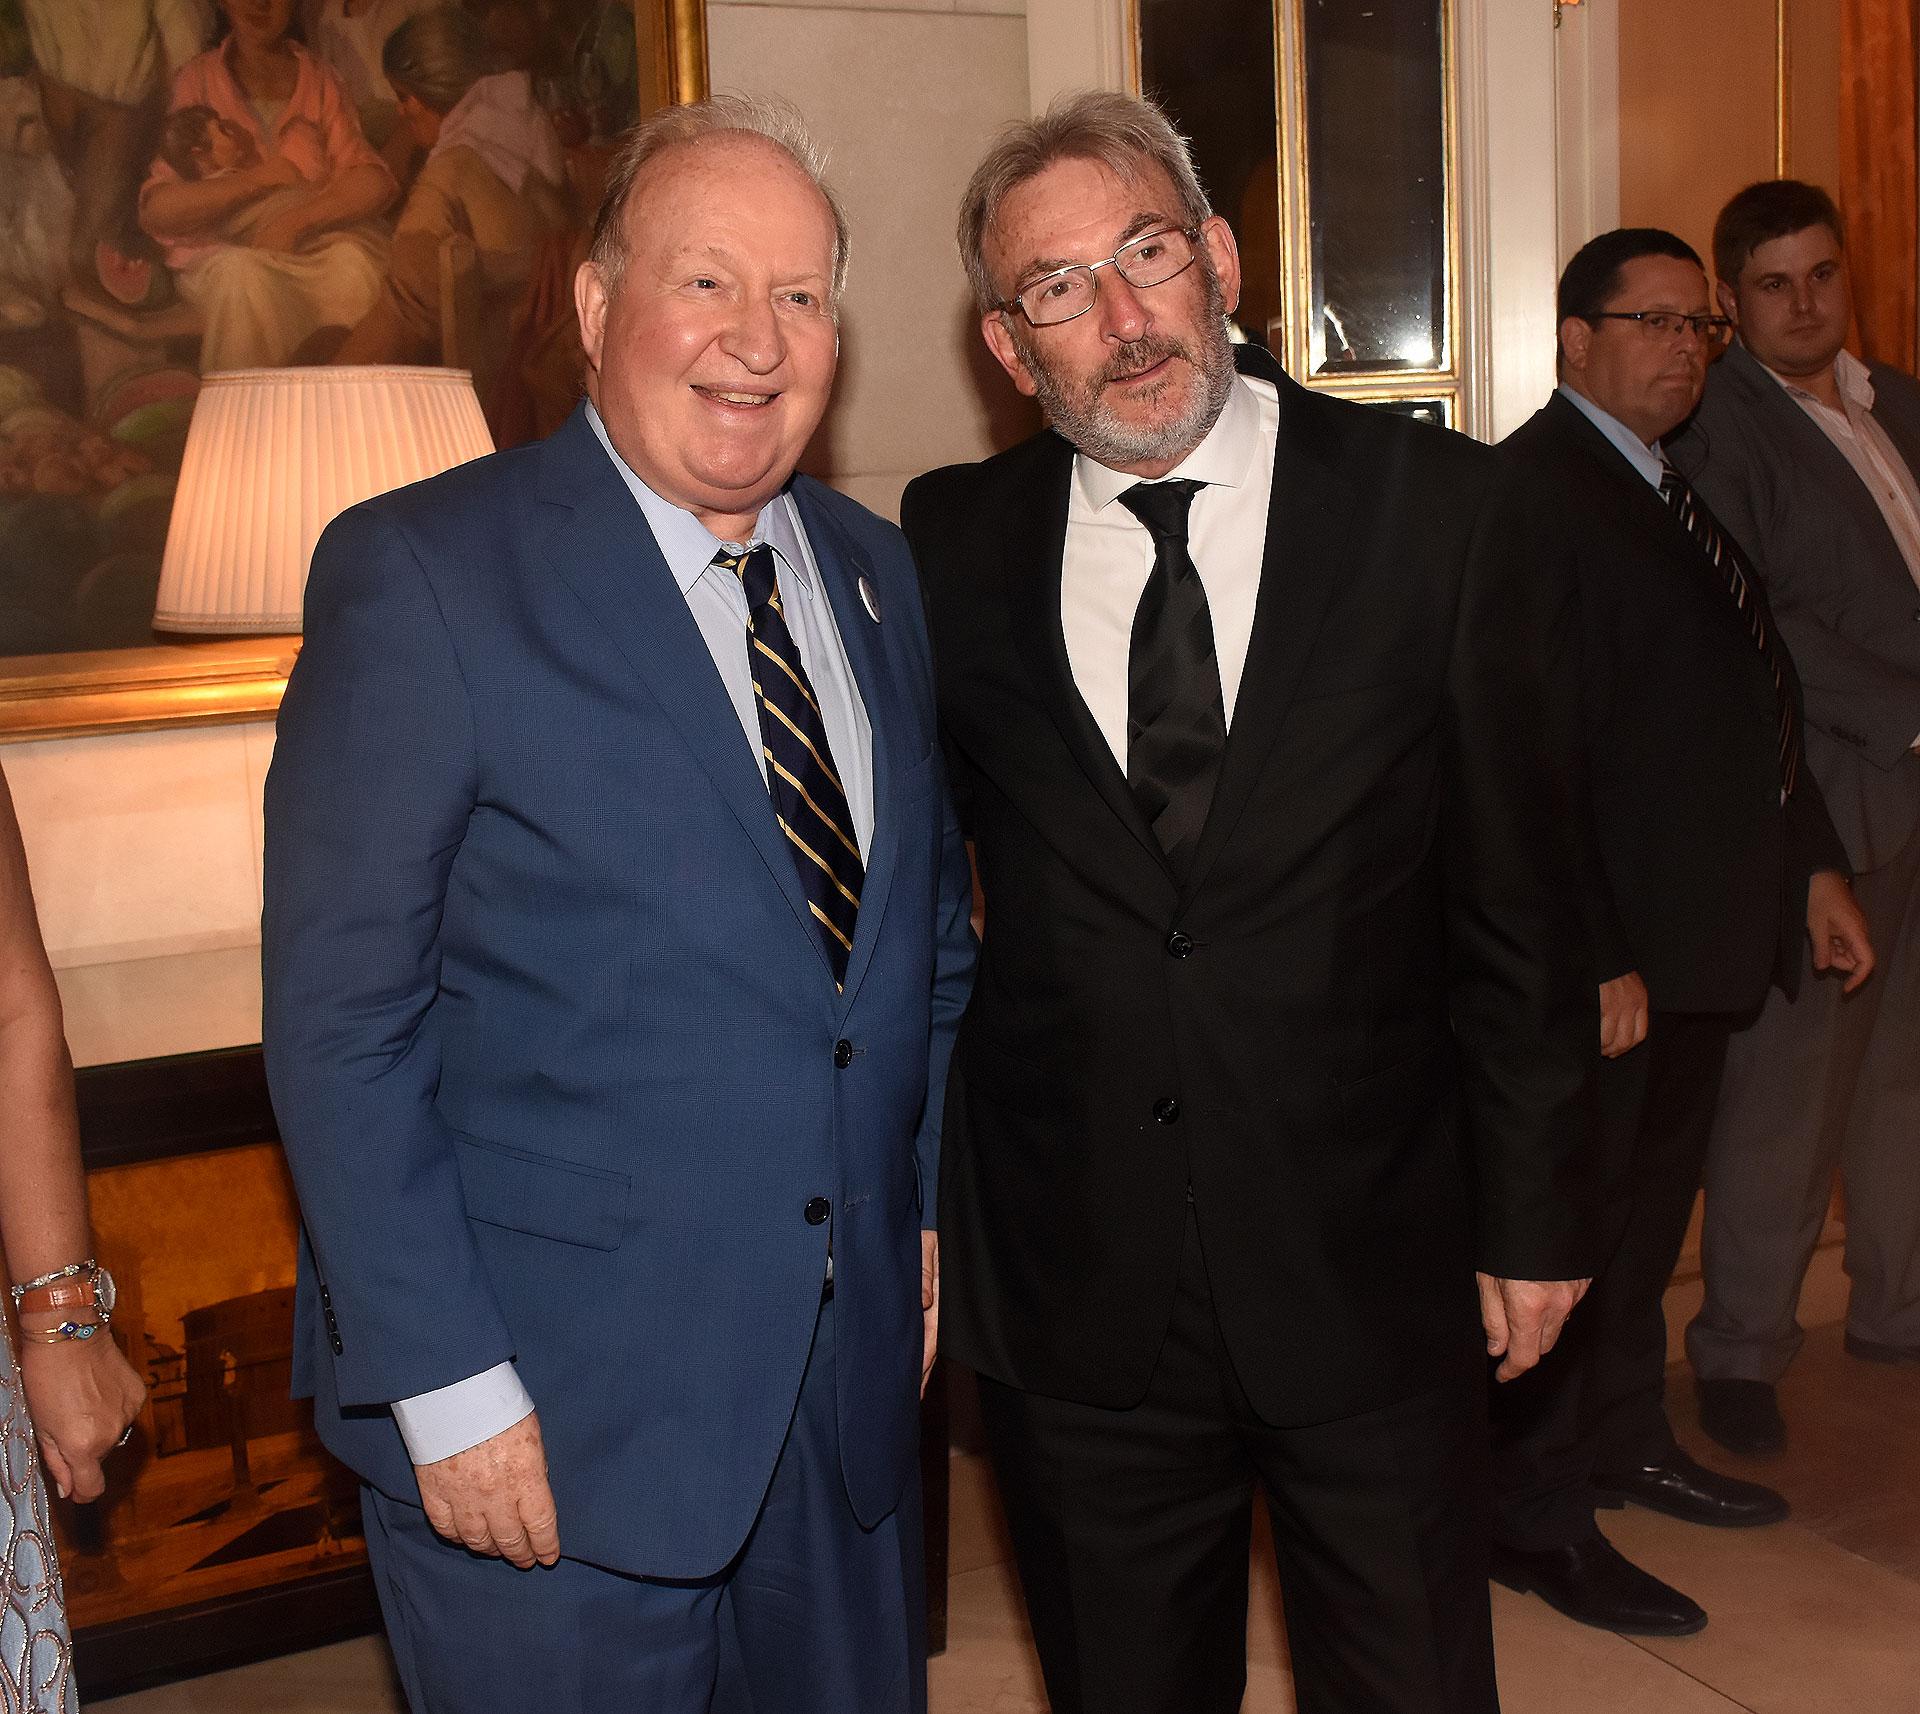 El abogado Daniel Sabsay y Guillermo Yanco, vicepresidente del Museo del Holocausto y miembro de la Comisión Directiva del Club Político